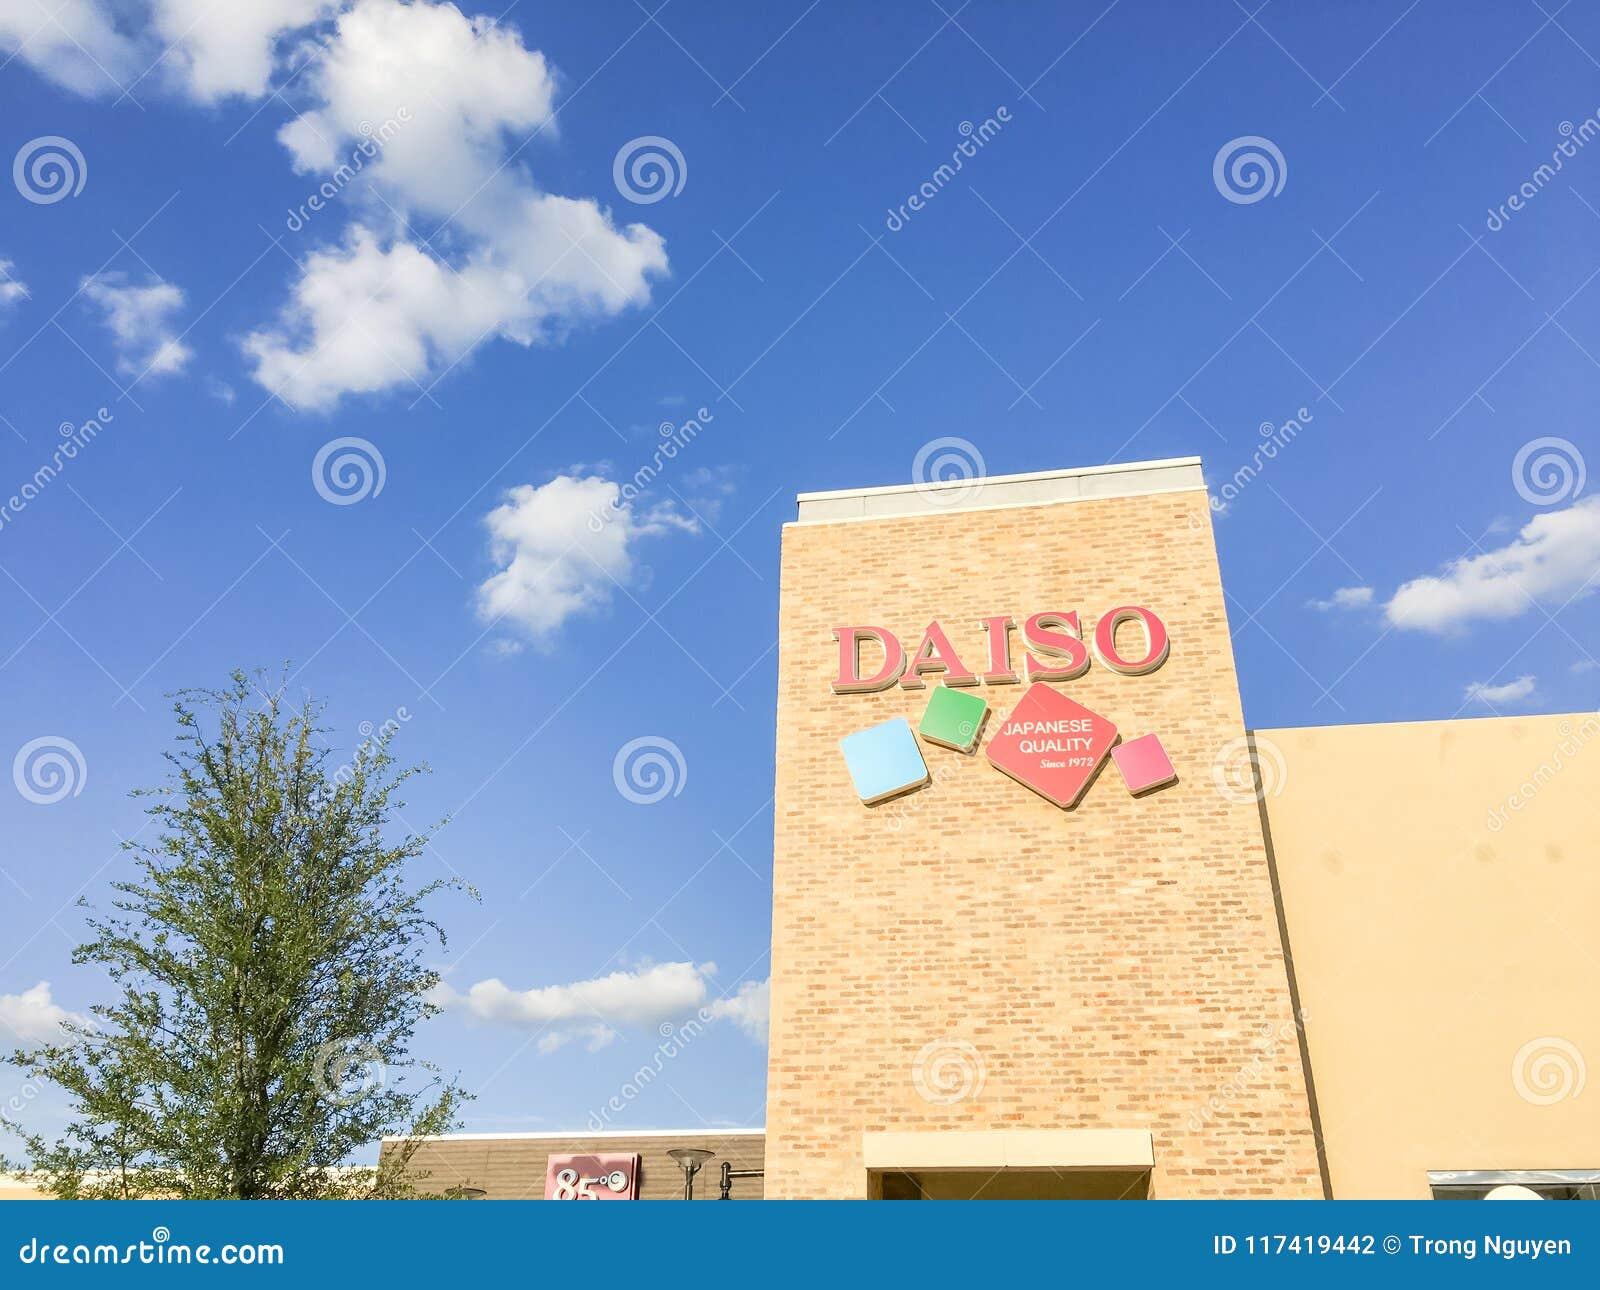 Daiso Japanese Supermarket In Carrollton Texas Usa Editorial